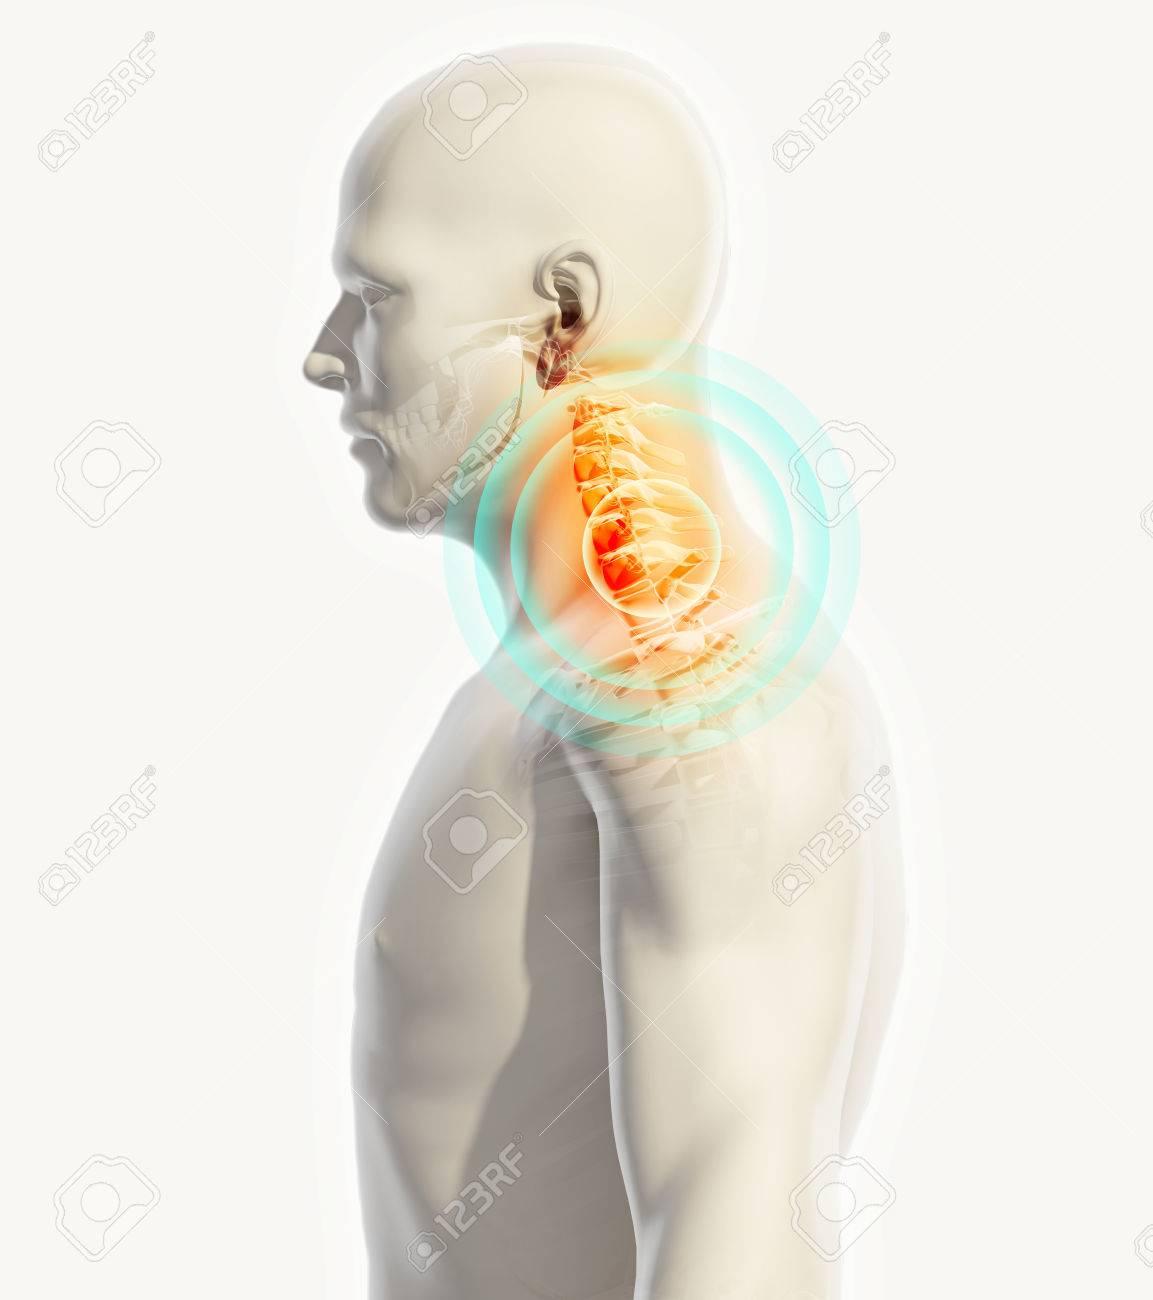 Ausgezeichnet Lendenwirbelsäule X Ray Anatomie Galerie - Anatomie ...